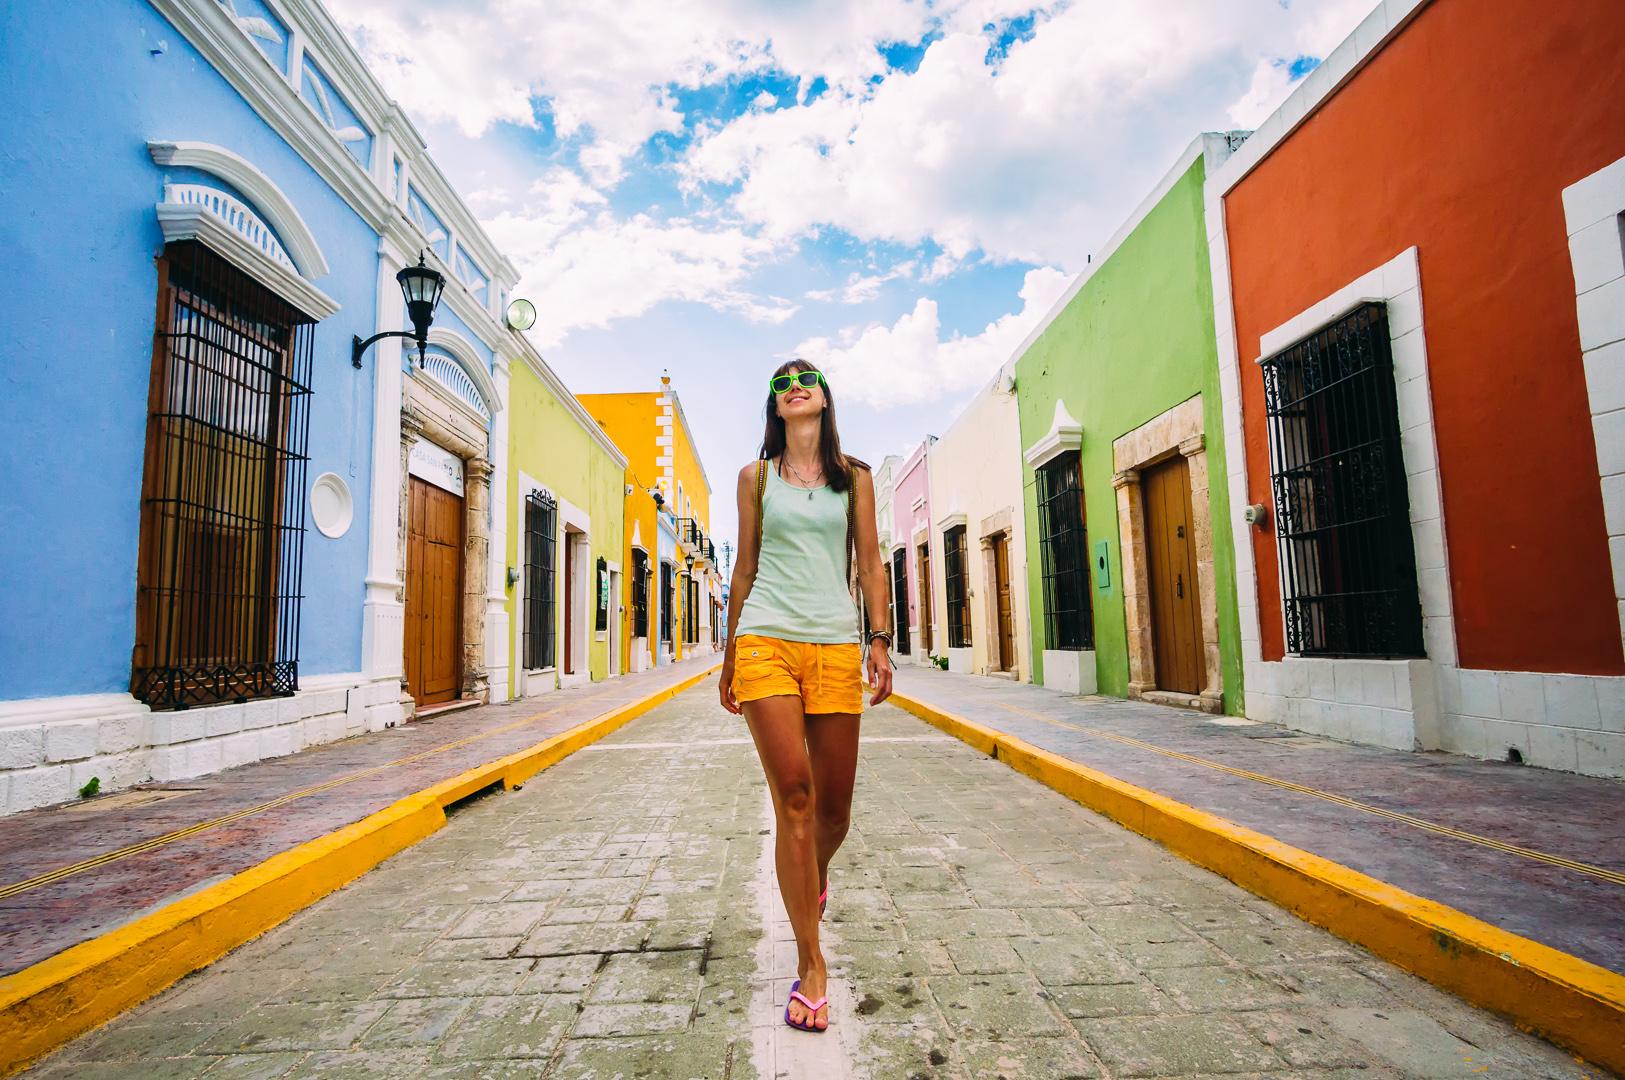 Qué hacer en Campeche: hospedaje y lugares para visitar